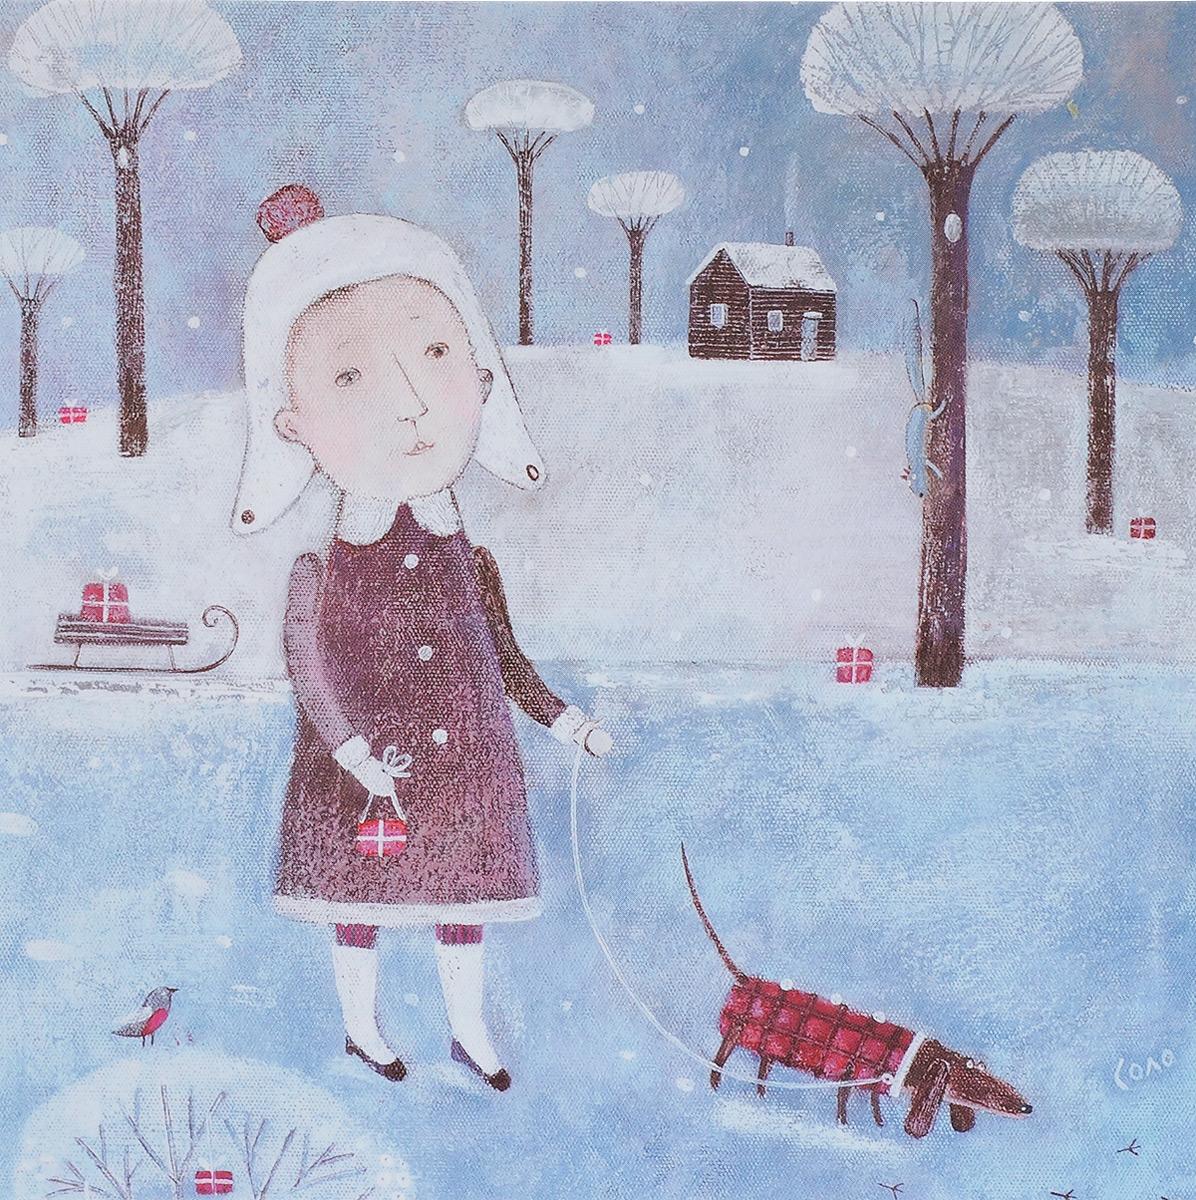 Открытка Рождественские каникулы. Автор Соловьева Светлана030508001Оригинальная дизайнерская открытка «Рождественские каникулы» выполнена из плотного матового картона. На лицевой стороне расположена репродукция картины художницы Светланы Соловьевой с изображением девушки, несущей подарки вместе со своей одетой в клетчатое пальто таксой.Такая открытка станет великолепным дополнением к подарку или оригинальным почтовым посланием, которое, несомненно, удивит получателя своим дизайном и подарит приятные воспоминания.